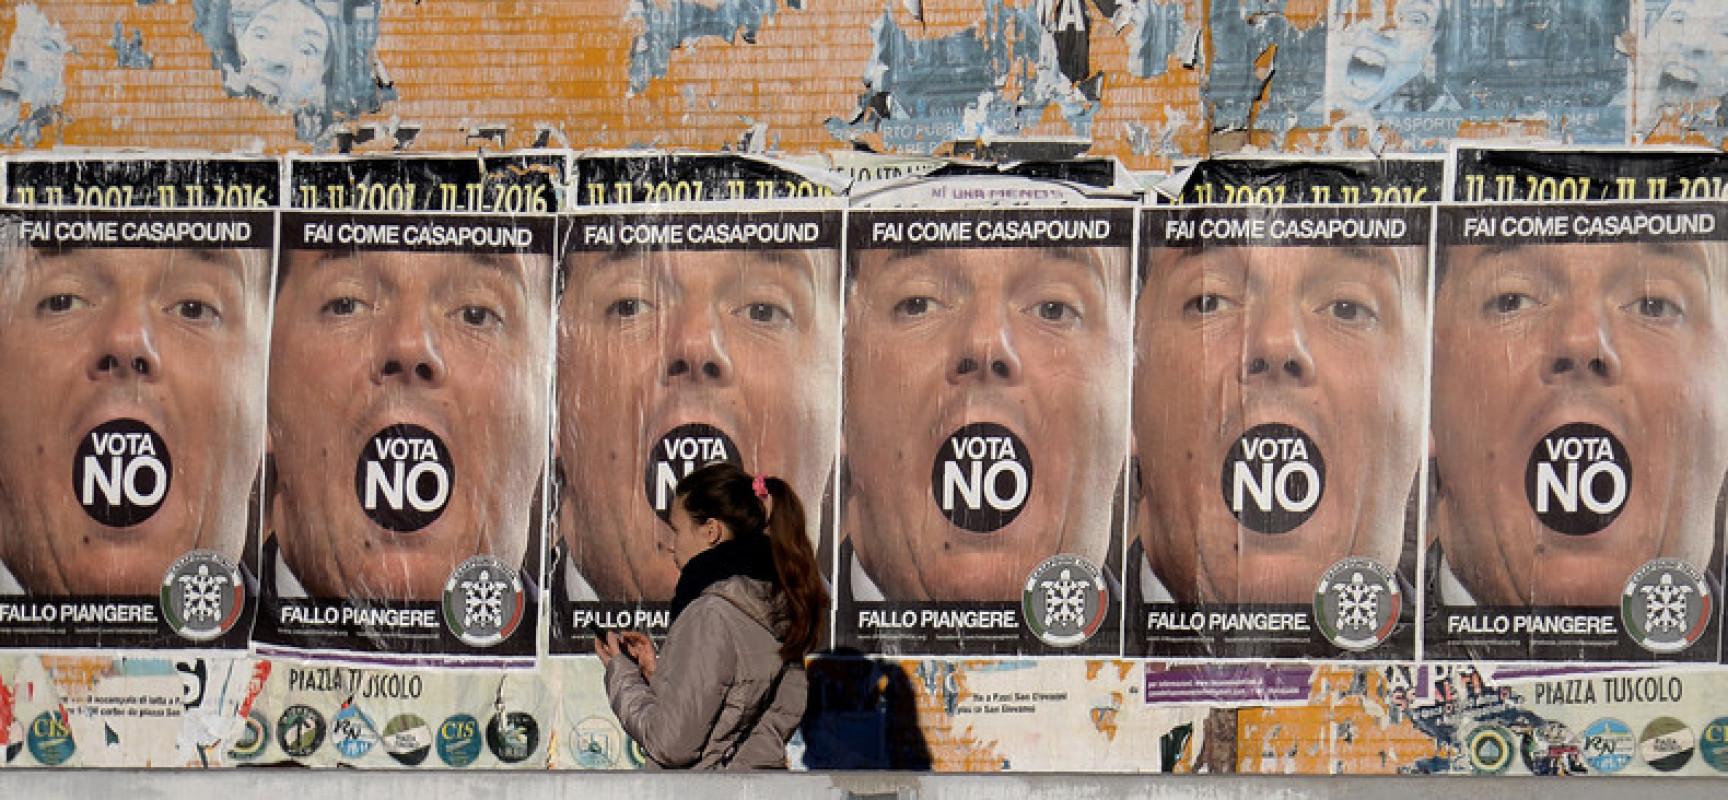 Matteo Renzi démissionne après l'écrasante victoire du «non» au référendum